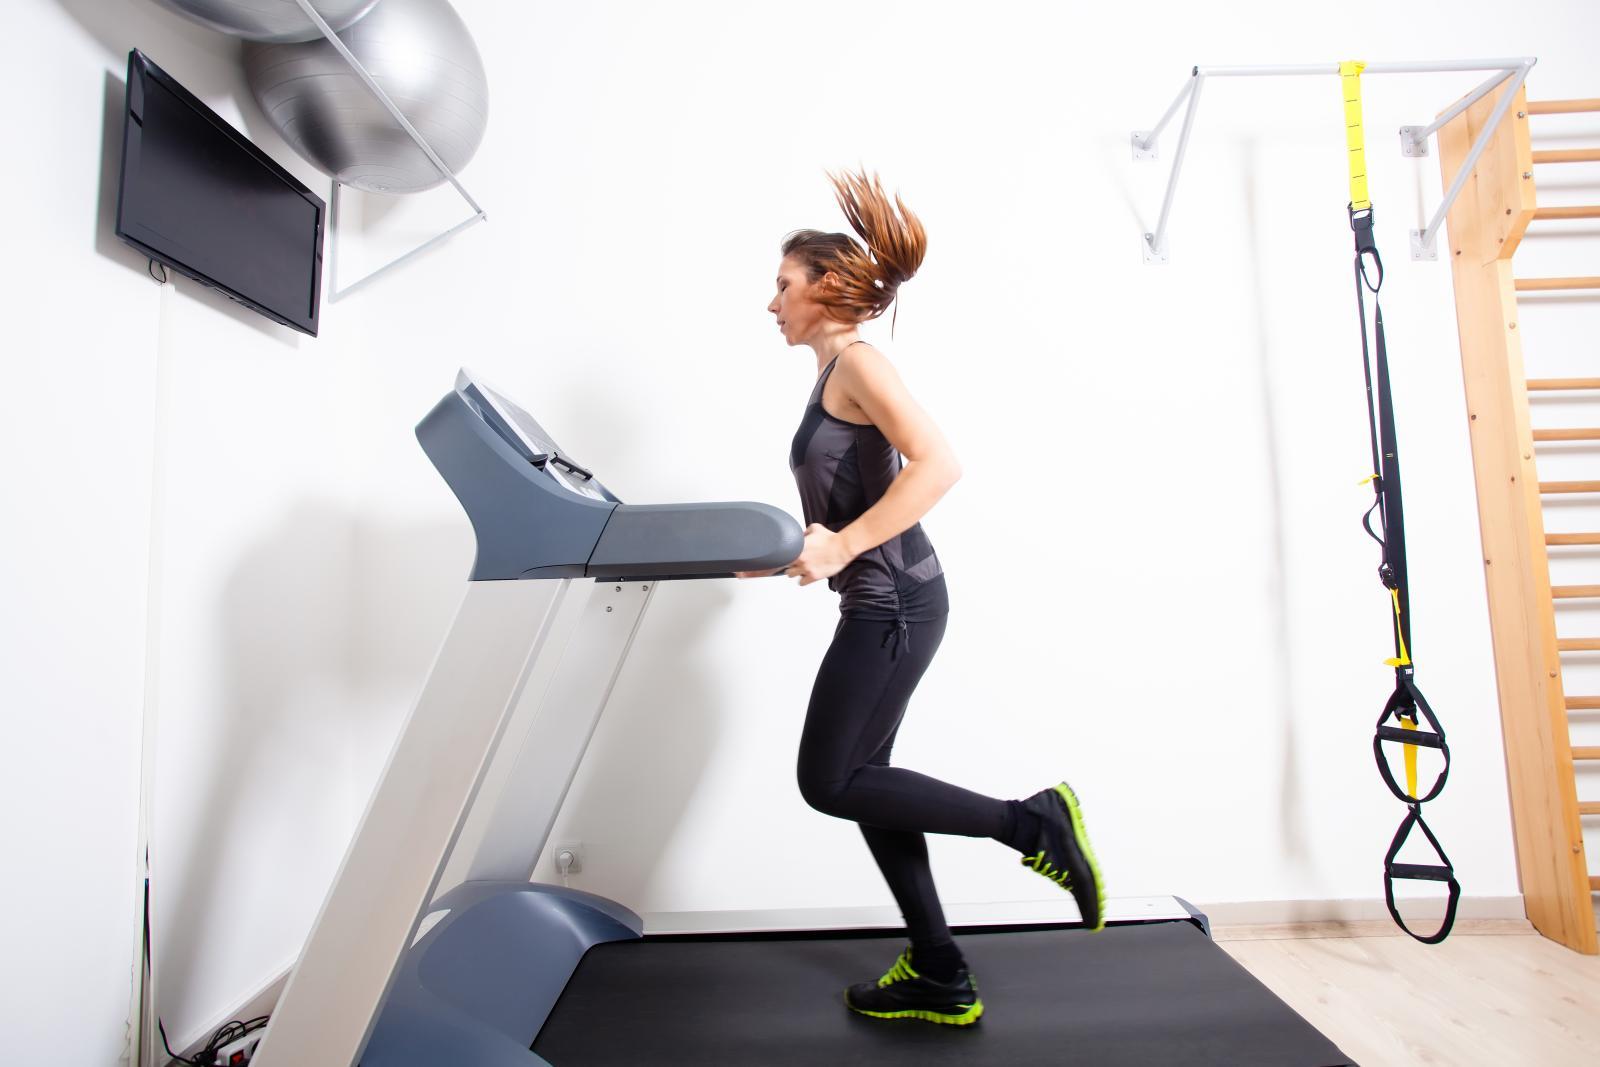 Traka za trčanje jednostavan je rekvizit kojim ćete poboljšati kondiciju, ali i potaknuti gubljenje viška kilograma.